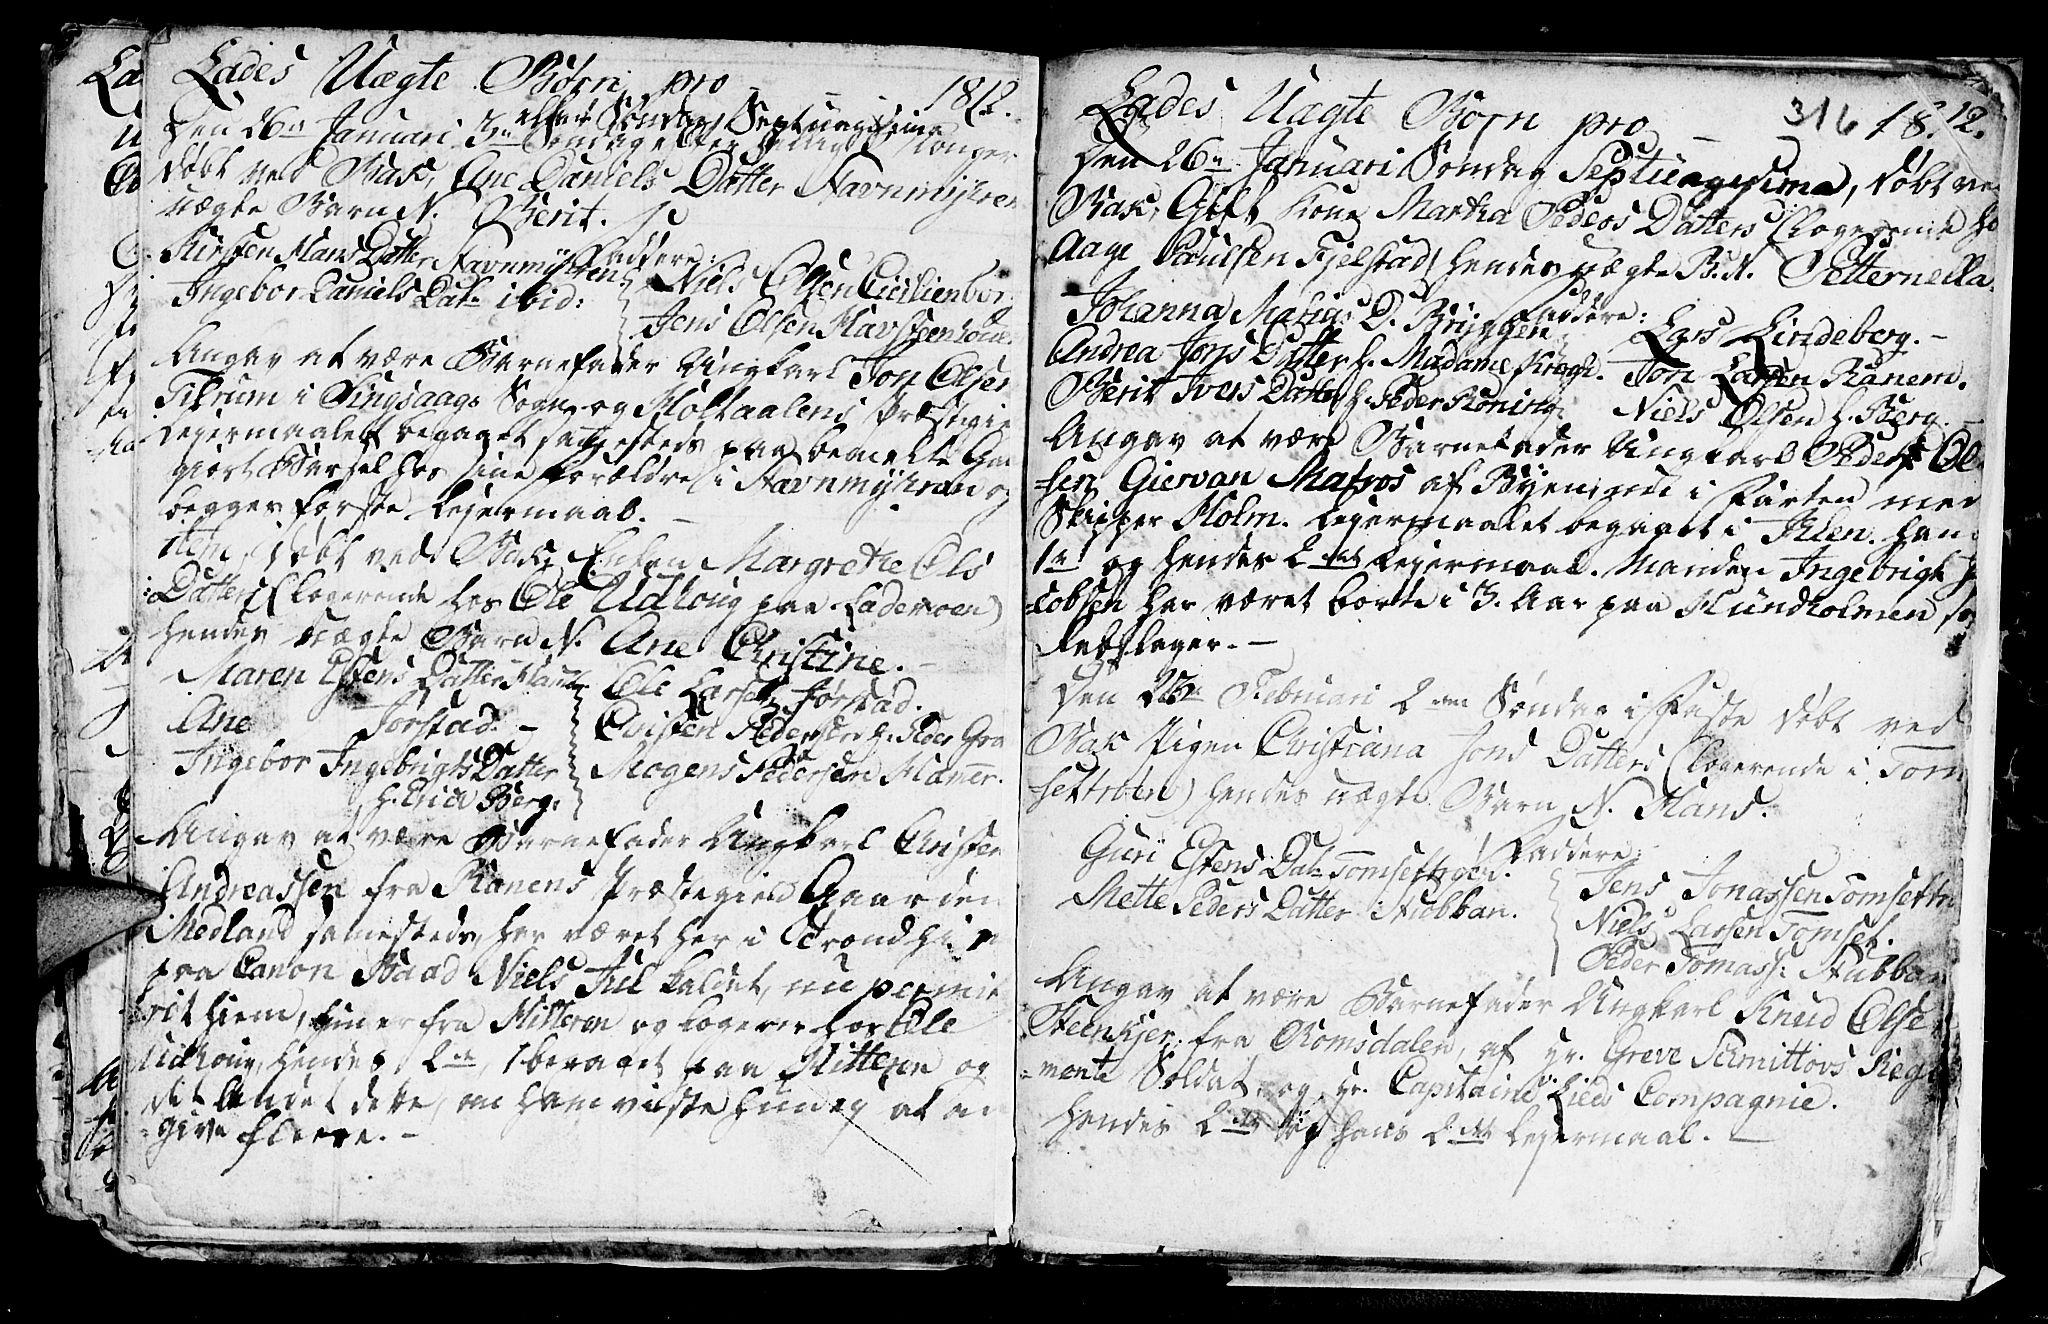 SAT, Ministerialprotokoller, klokkerbøker og fødselsregistre - Sør-Trøndelag, 606/L0305: Klokkerbok nr. 606C01, 1757-1819, s. 316